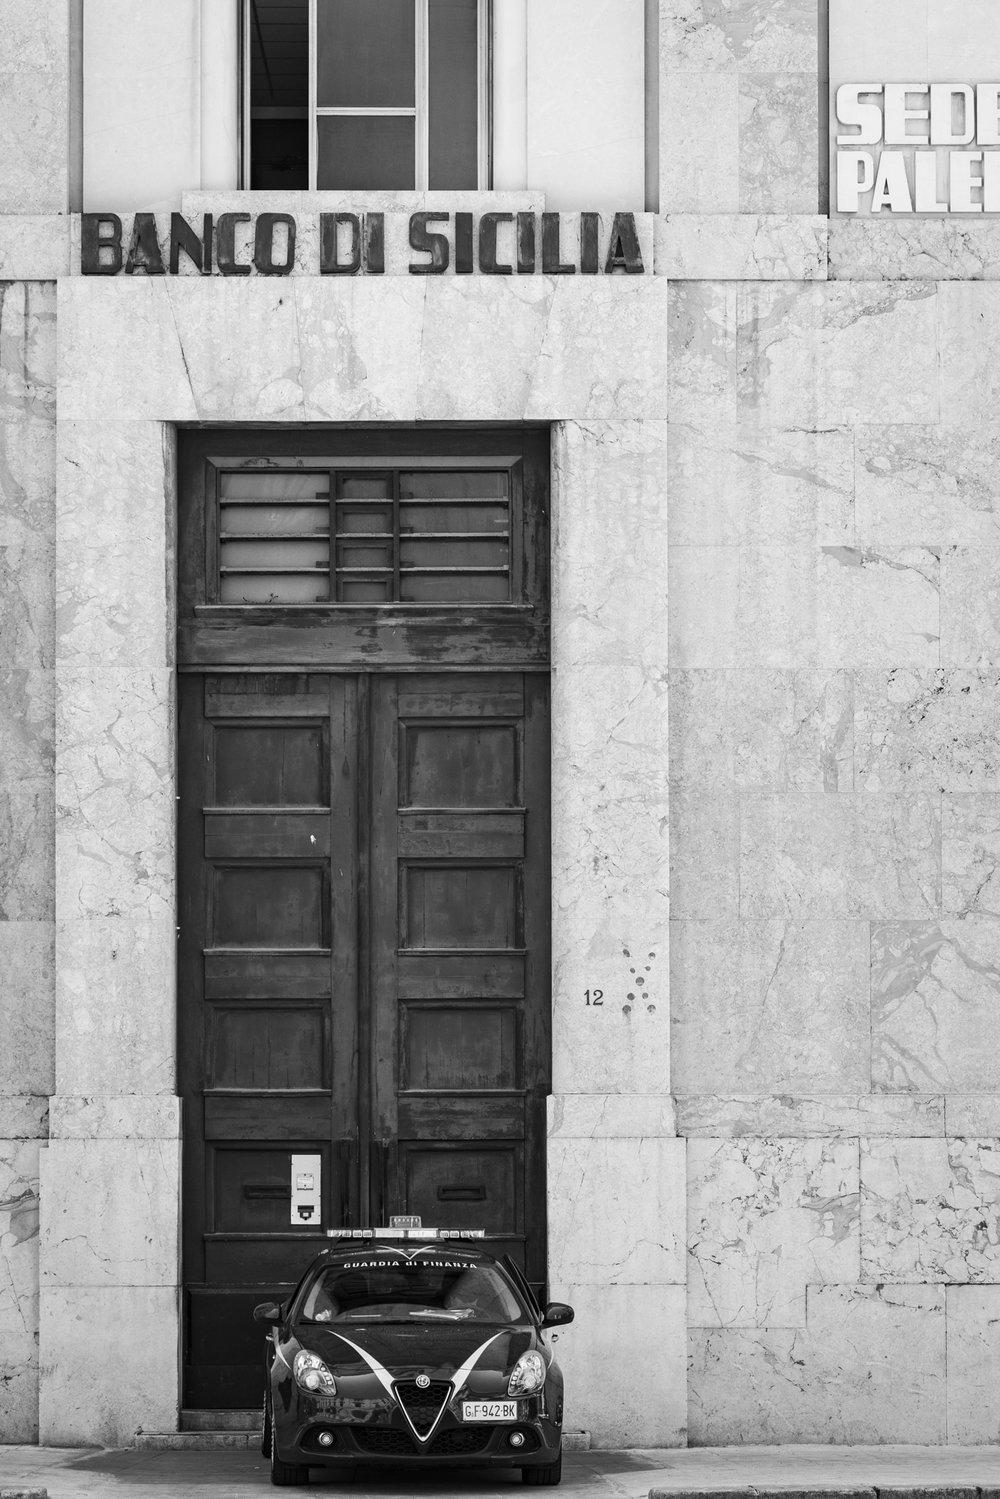 Banco Di Sicilia, Palermo